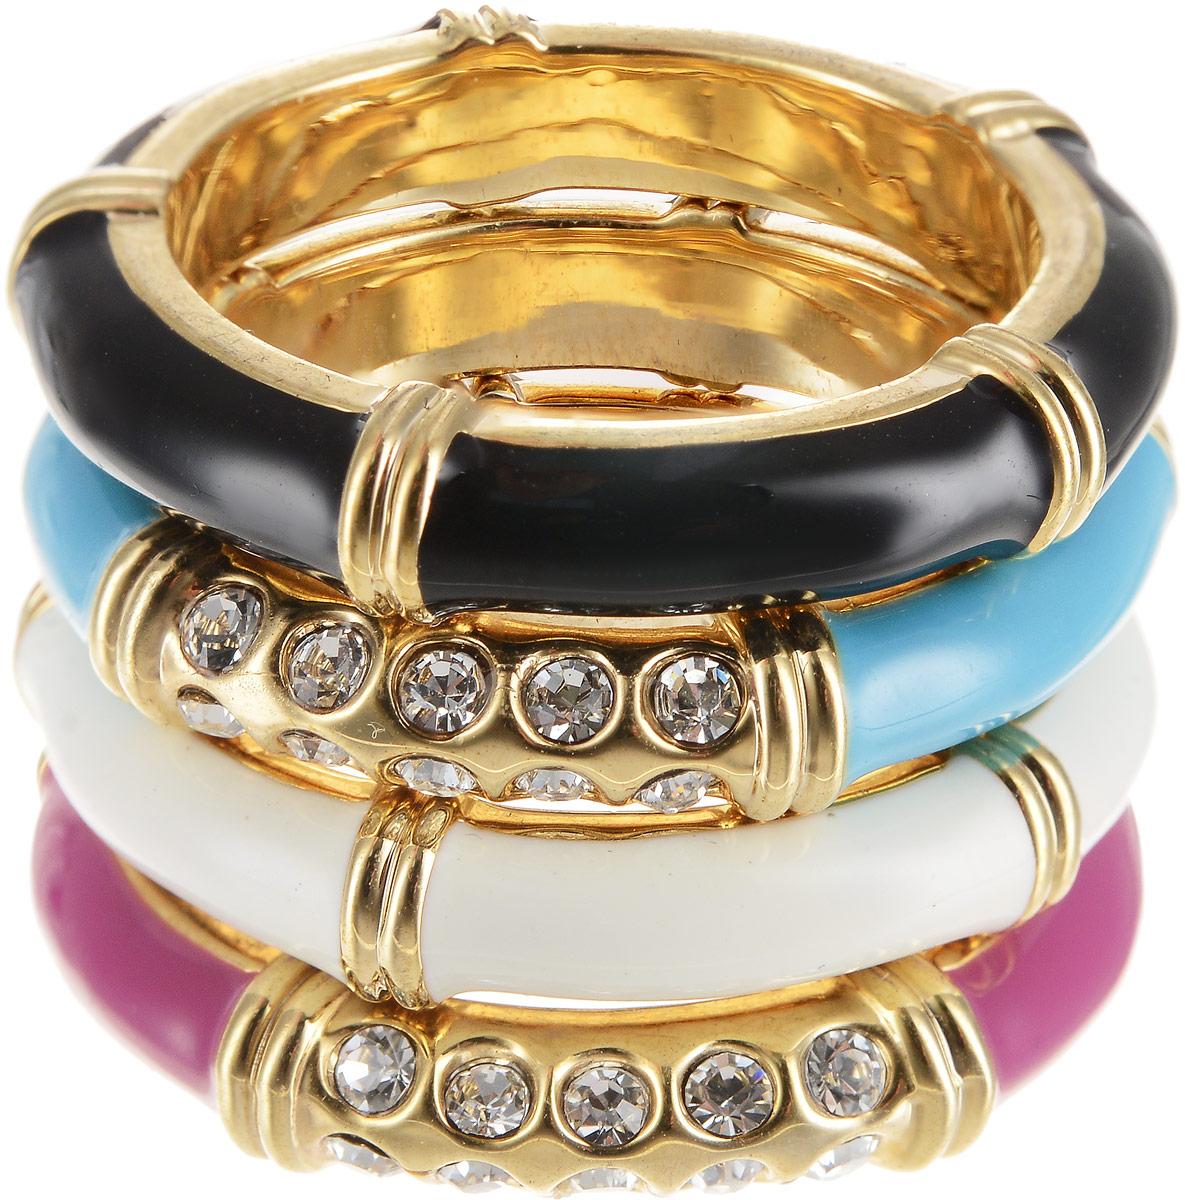 Кольцо Art-Silver, цвет: золотой, мультиколор. 00608-1154. Размер 17,5Коктейльное кольцоОригинальное кольцо Art-Silver выполнено из бижутерного сплава с гальваническим покрытием. Кольцо украшено декоративными вставками и состоит из нескольких частей, которые можно одевать в разном порядке.Элегантное кольцо Art-Silver превосходно дополнит ваш образ и подчеркнет отменное чувство стиля своей обладательницы.